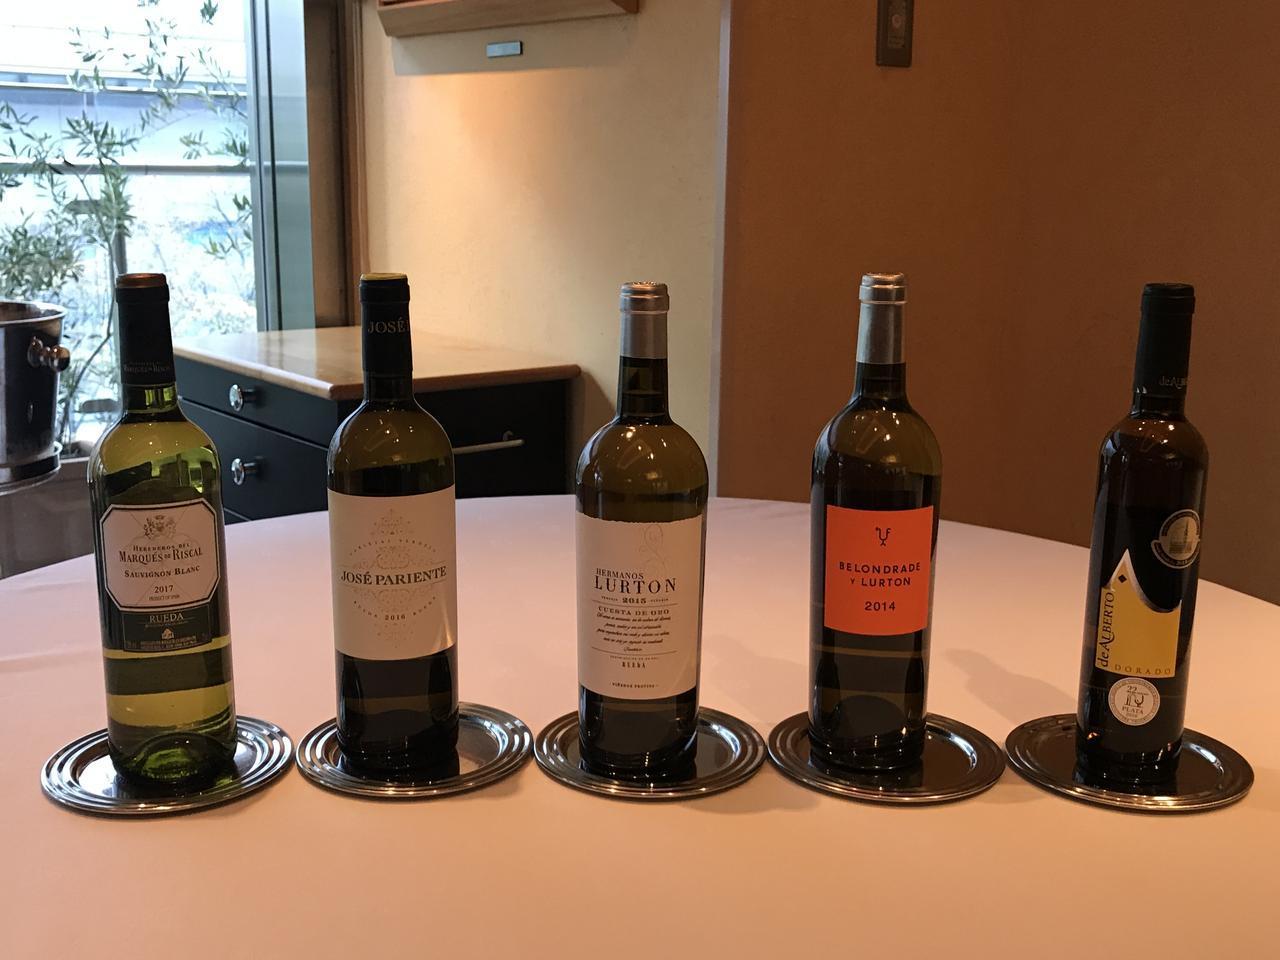 画像1: スペイン・DOルエダ メディアランチセミナー開催 料理とワインのペアリング